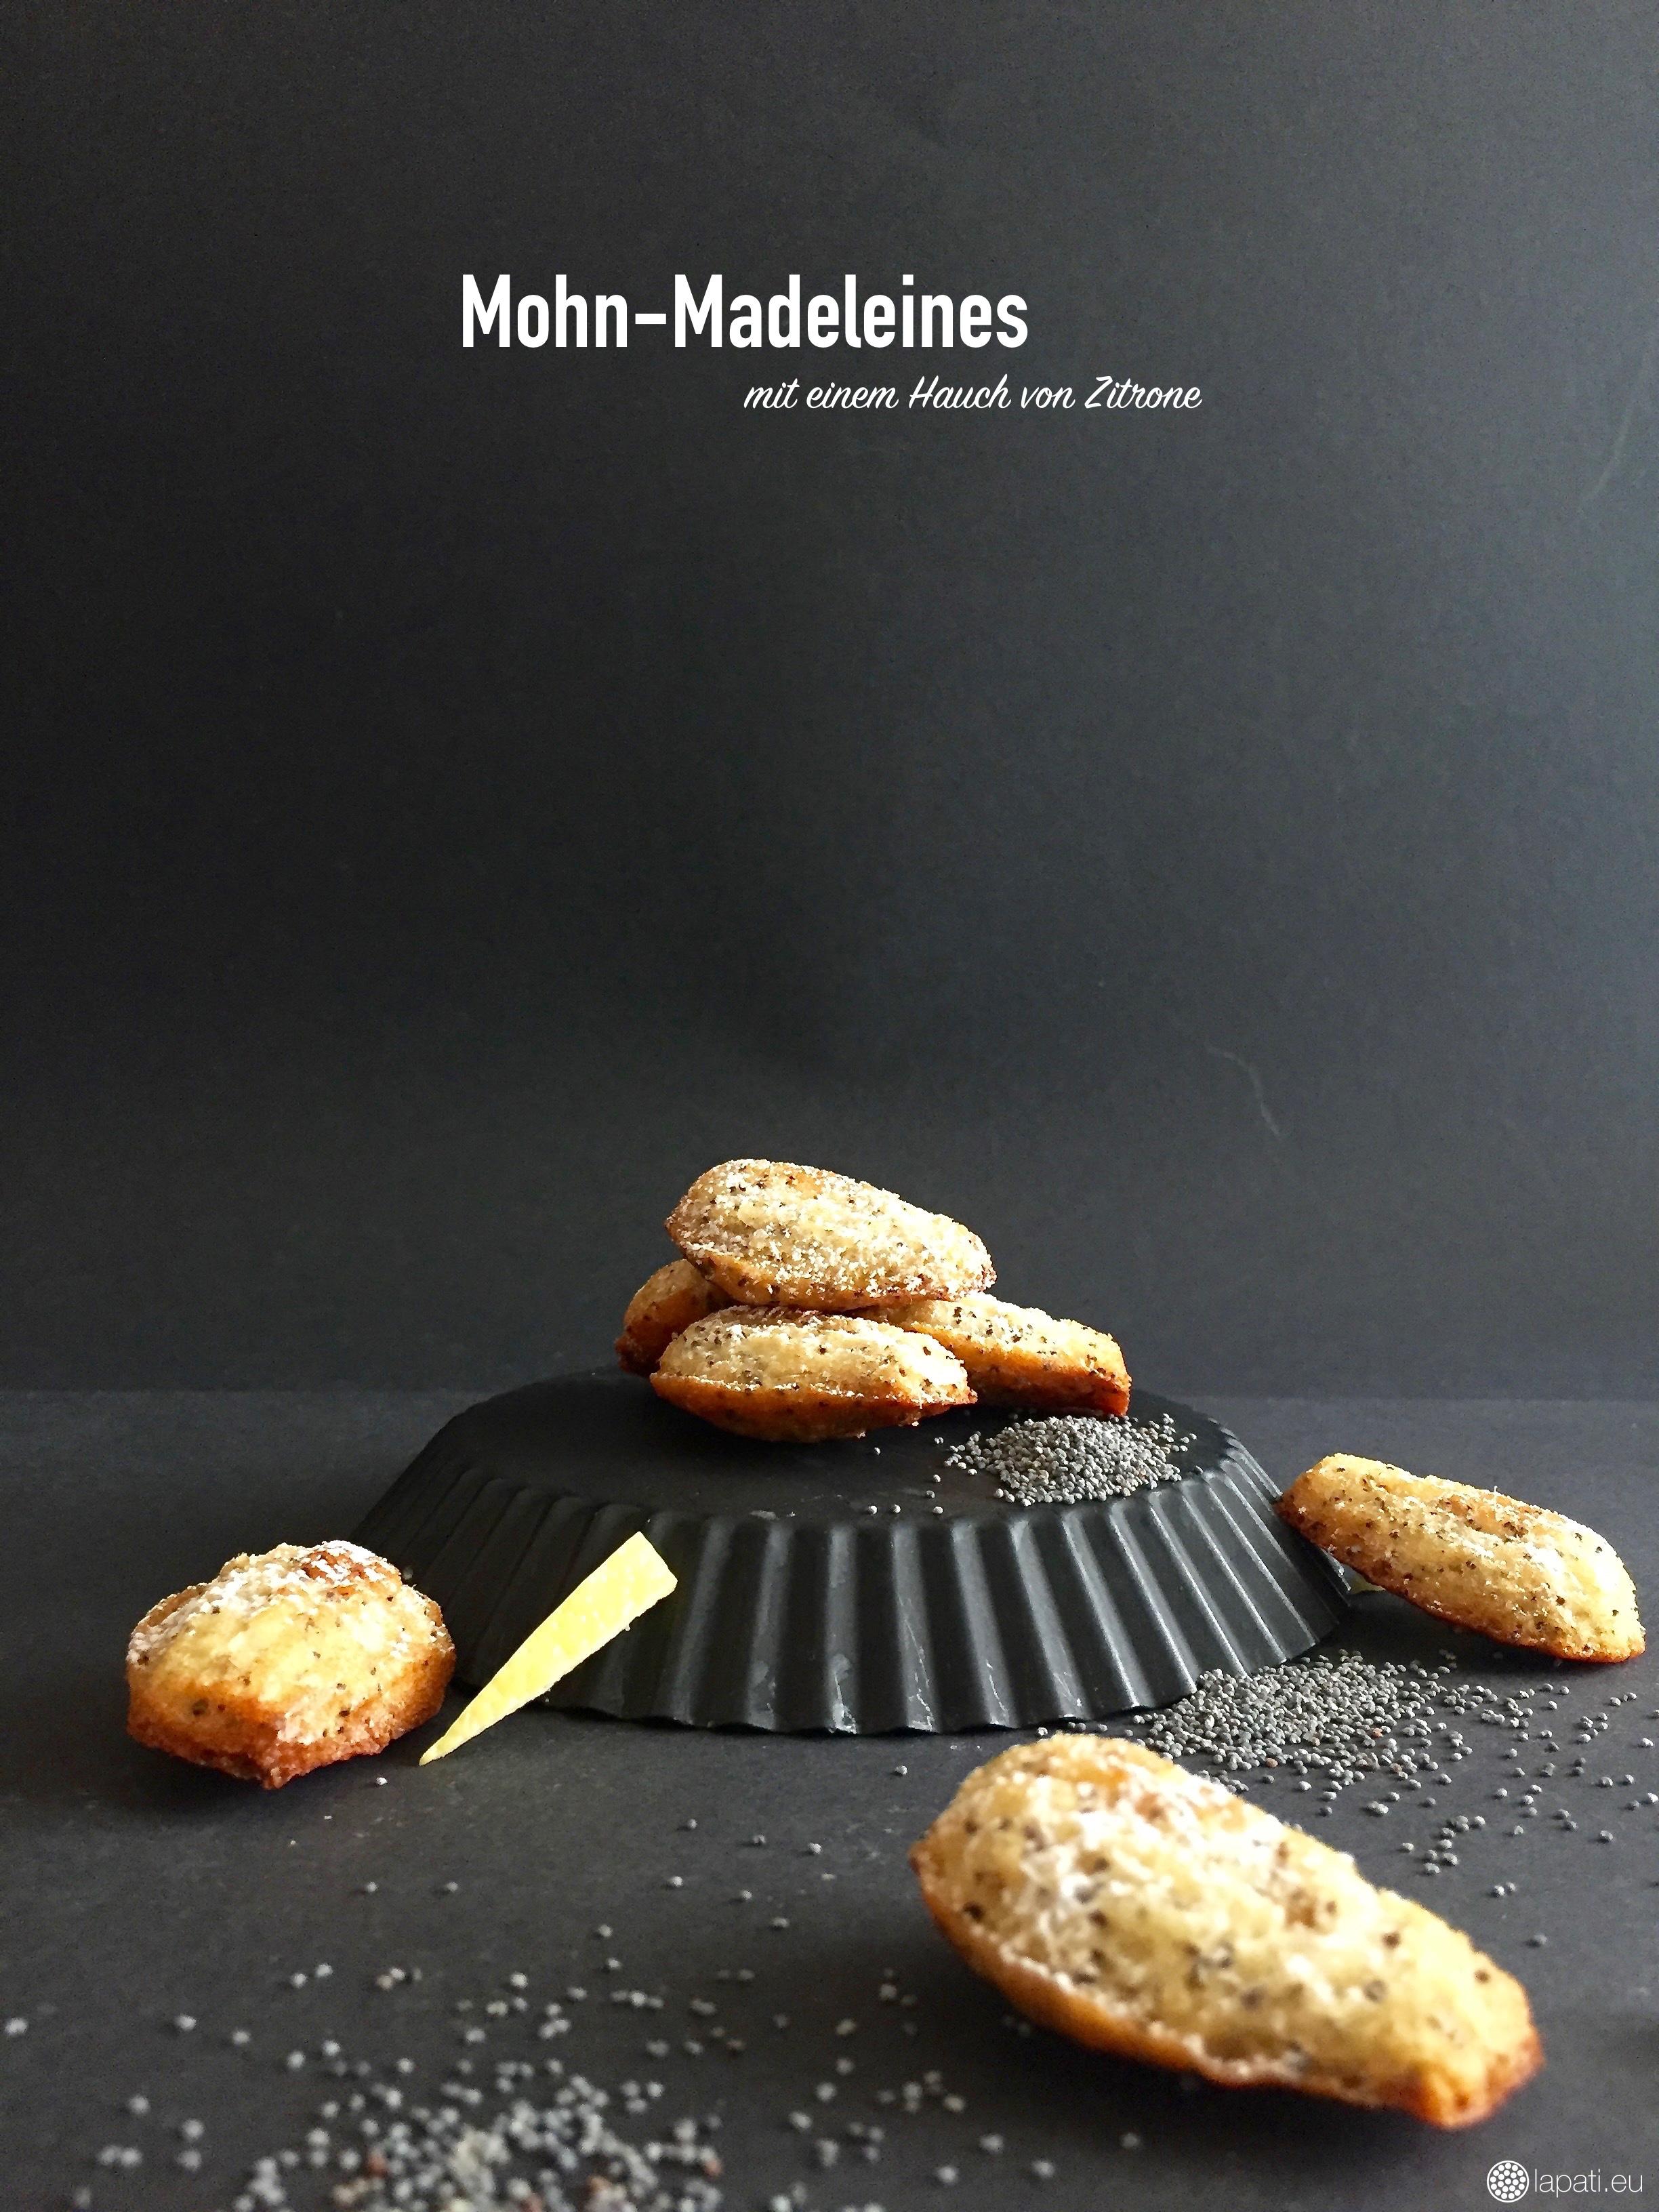 Frische Madeleines: Super einfaches Rezept und gelingt immer! Diese Sorte ist mit Mohn und Zitrone abgeschmeckt.